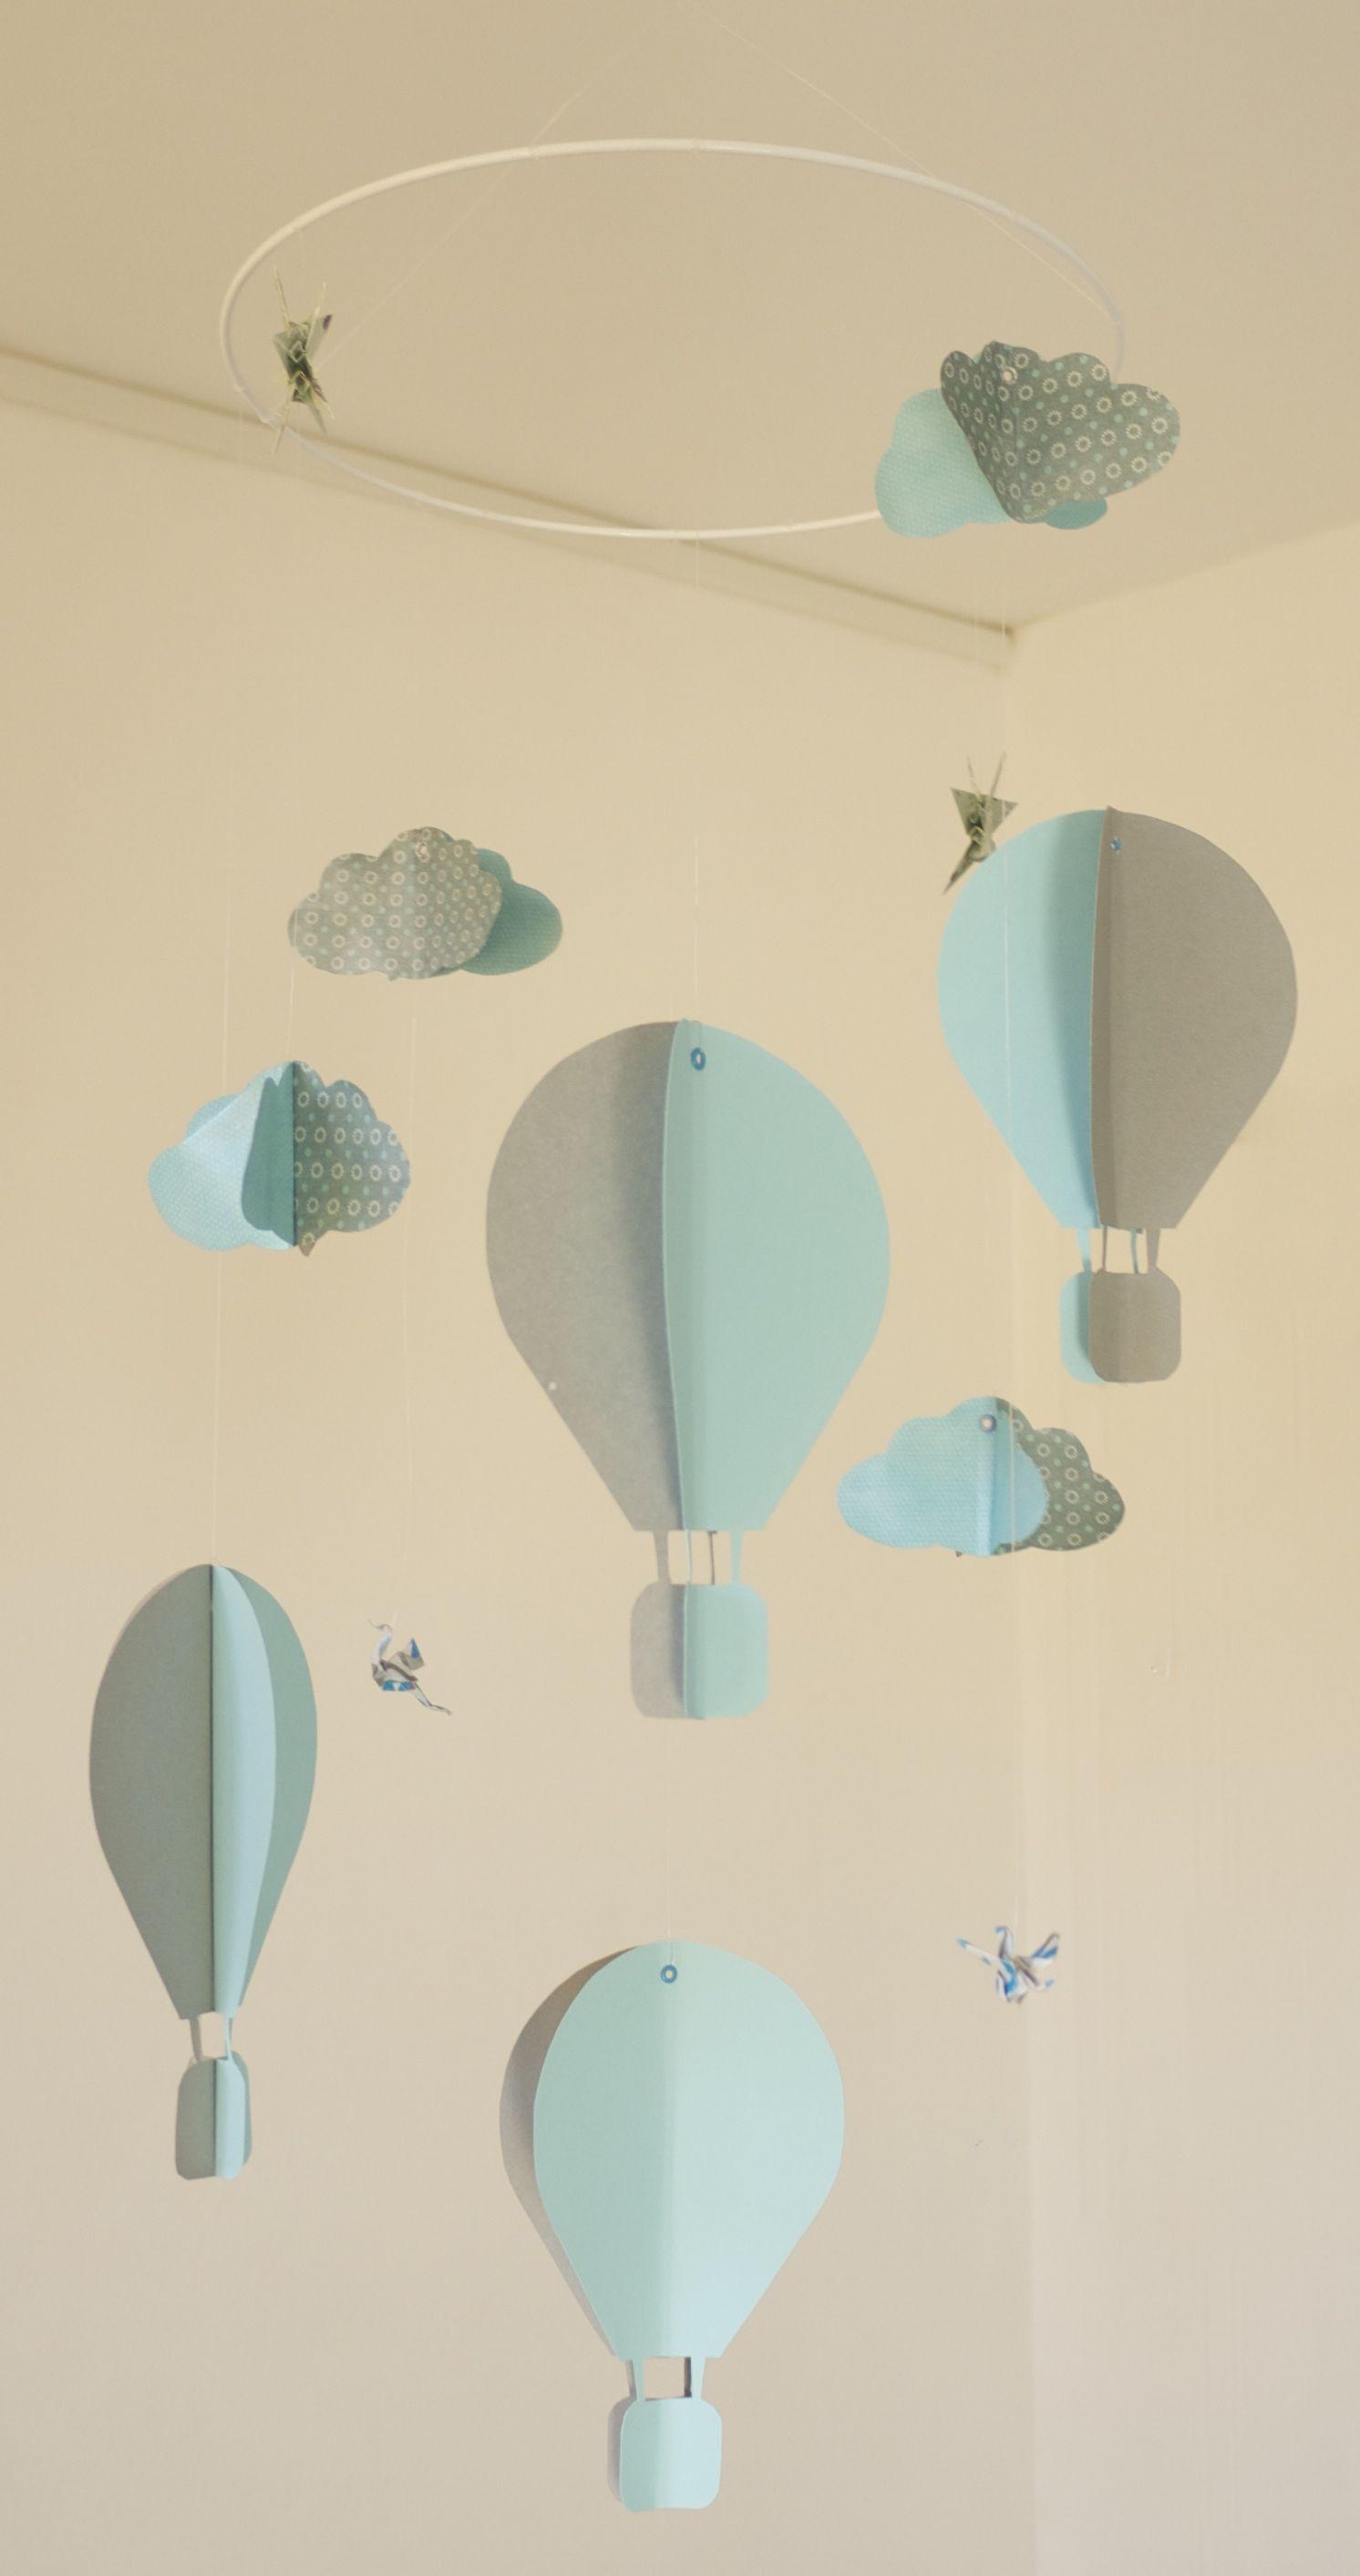 Mobile bébé origami suspension en spirale chambre enfant bébé montgolfière nuage oiseau cigogne ...